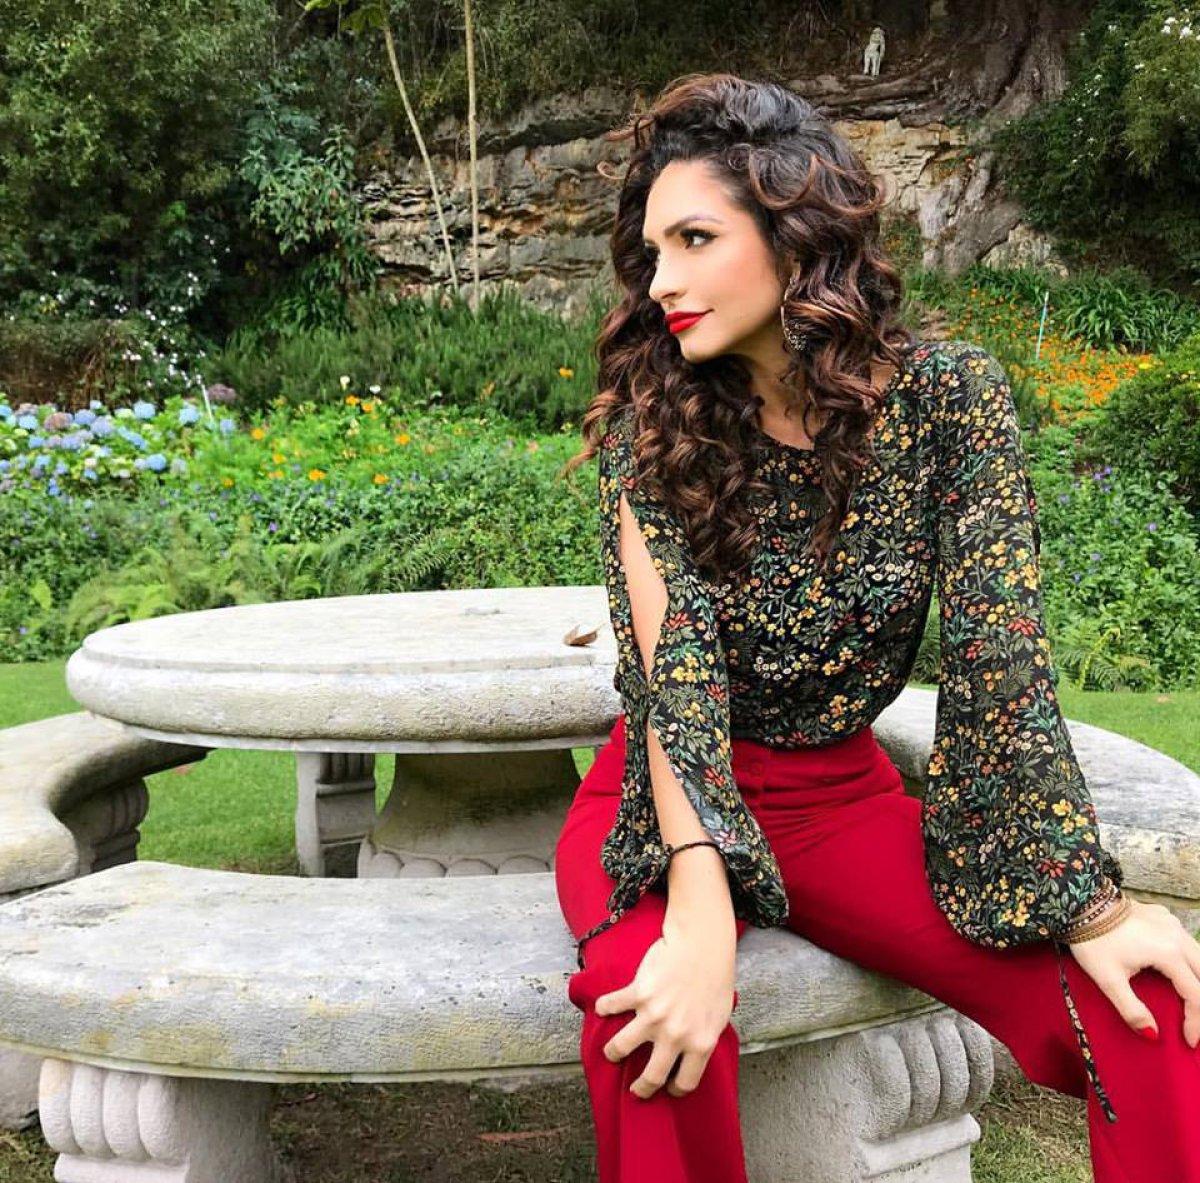 f5138214af8f El cambio de look de Kimberly Reyes que encantó a sus seguidores en ...